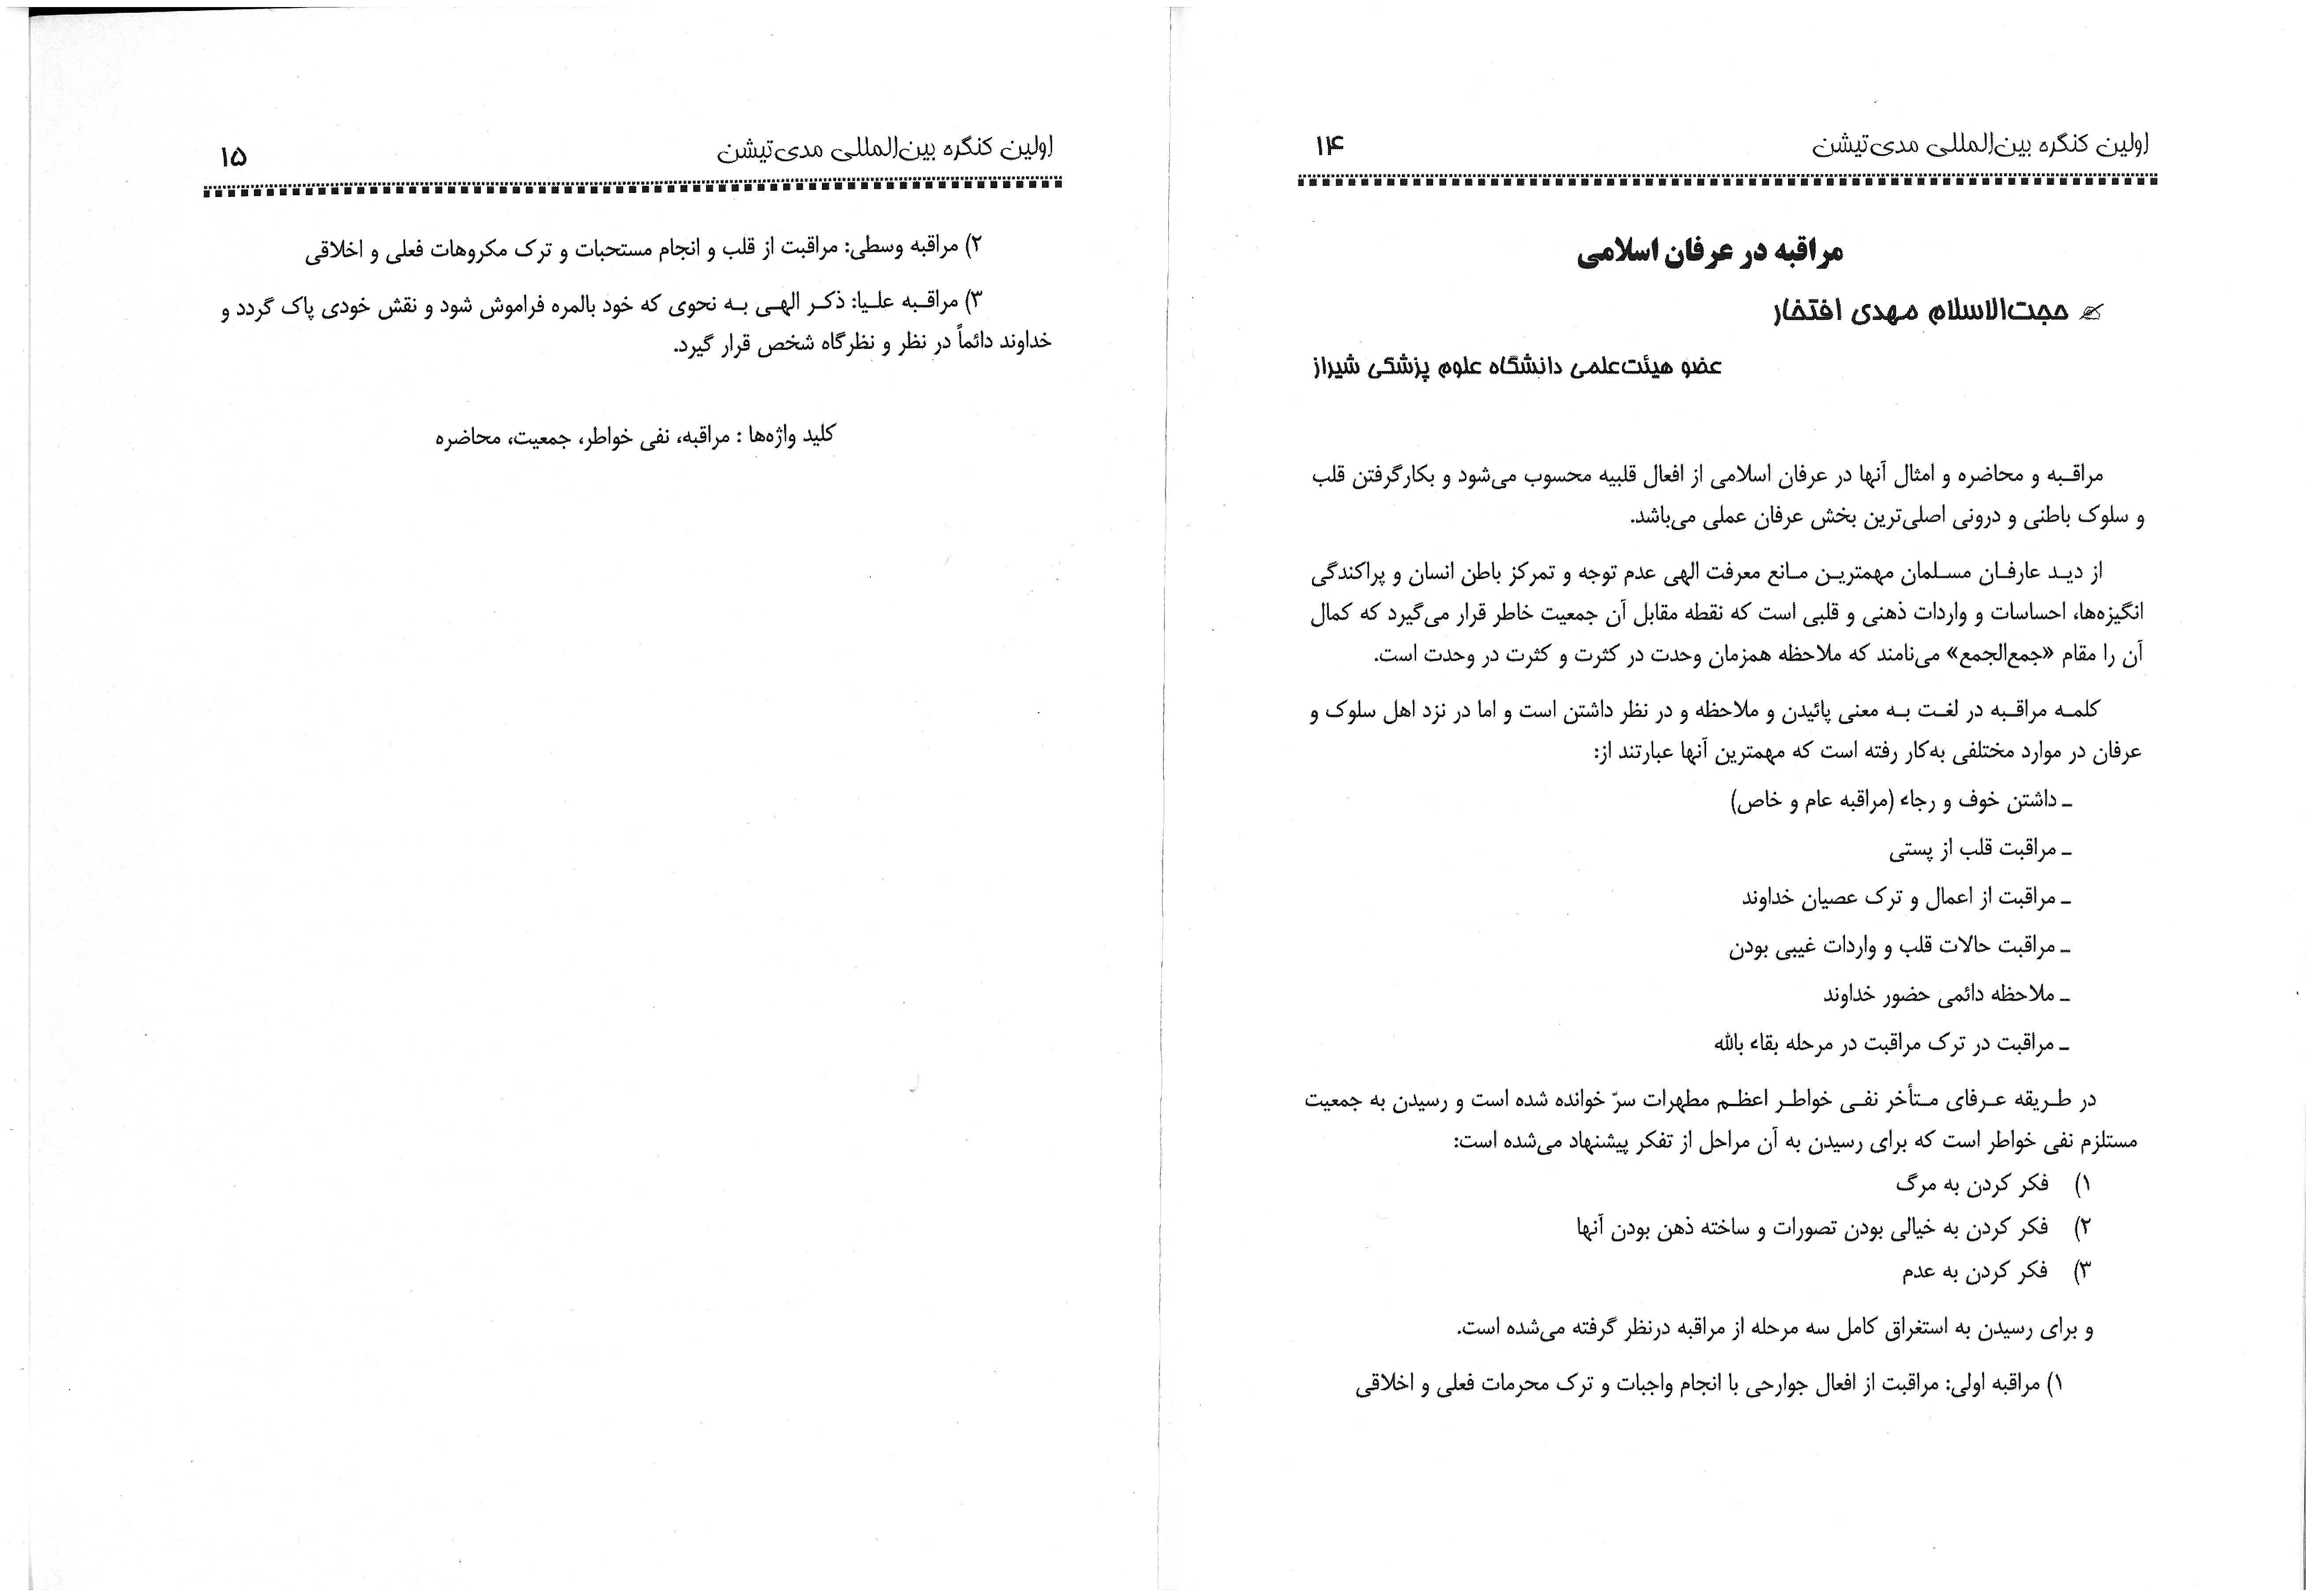 کانال+تلگرام+روزنامه+همشهری+تهران